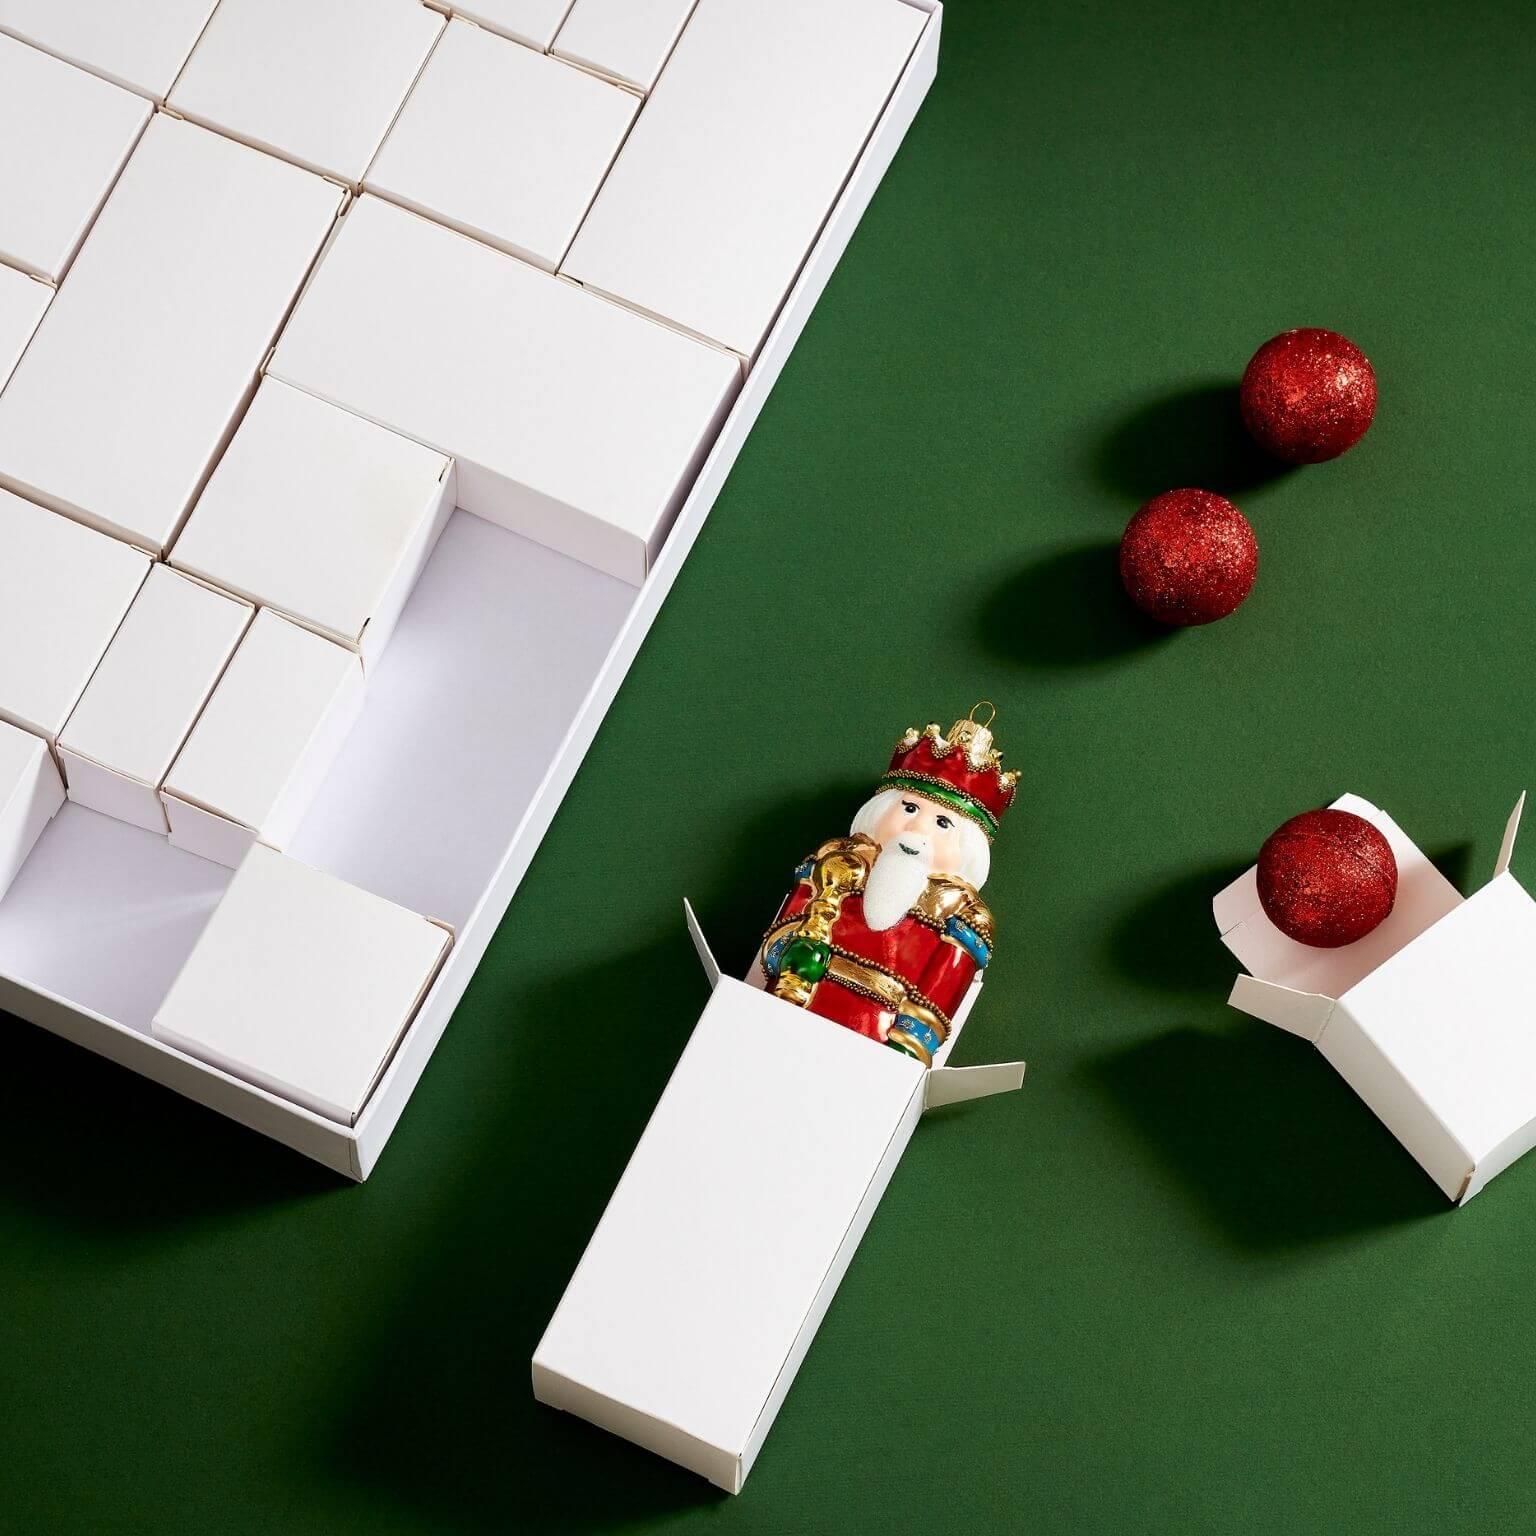 cajas postales para entregas e-commerce en Navidad